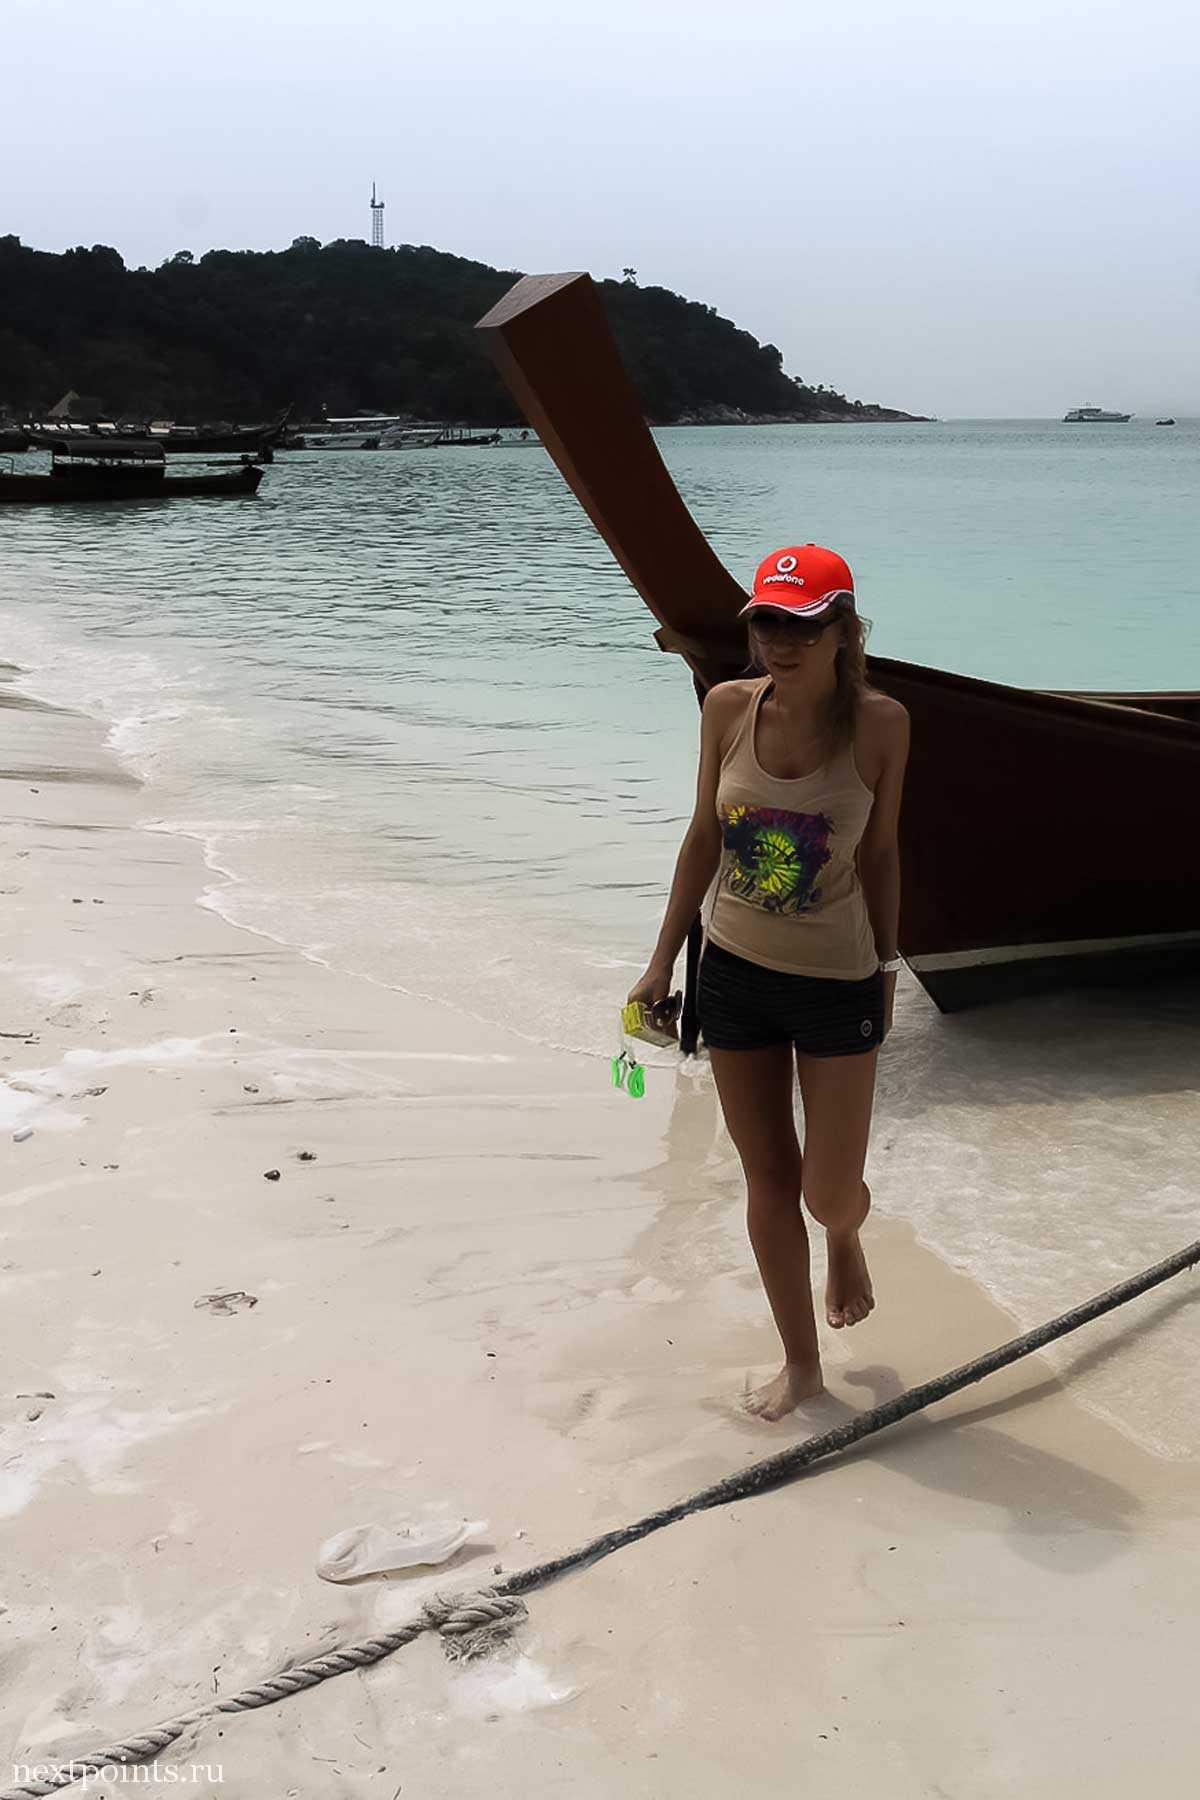 Тайская лодка, причаленная к берегу острова Ко Липе